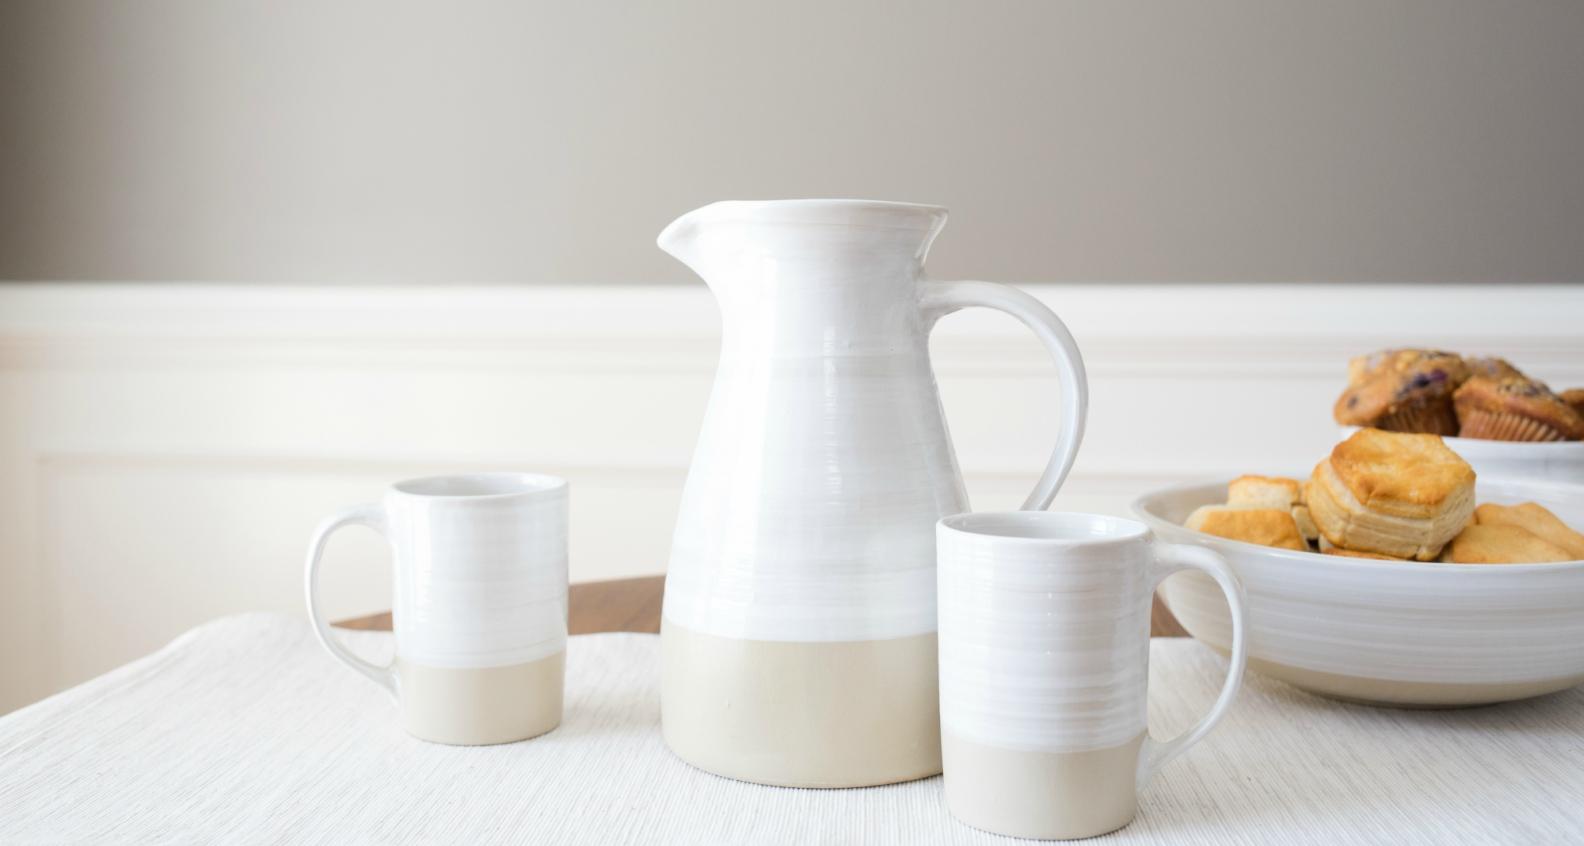 Stoneware & Co mugs and pitcher